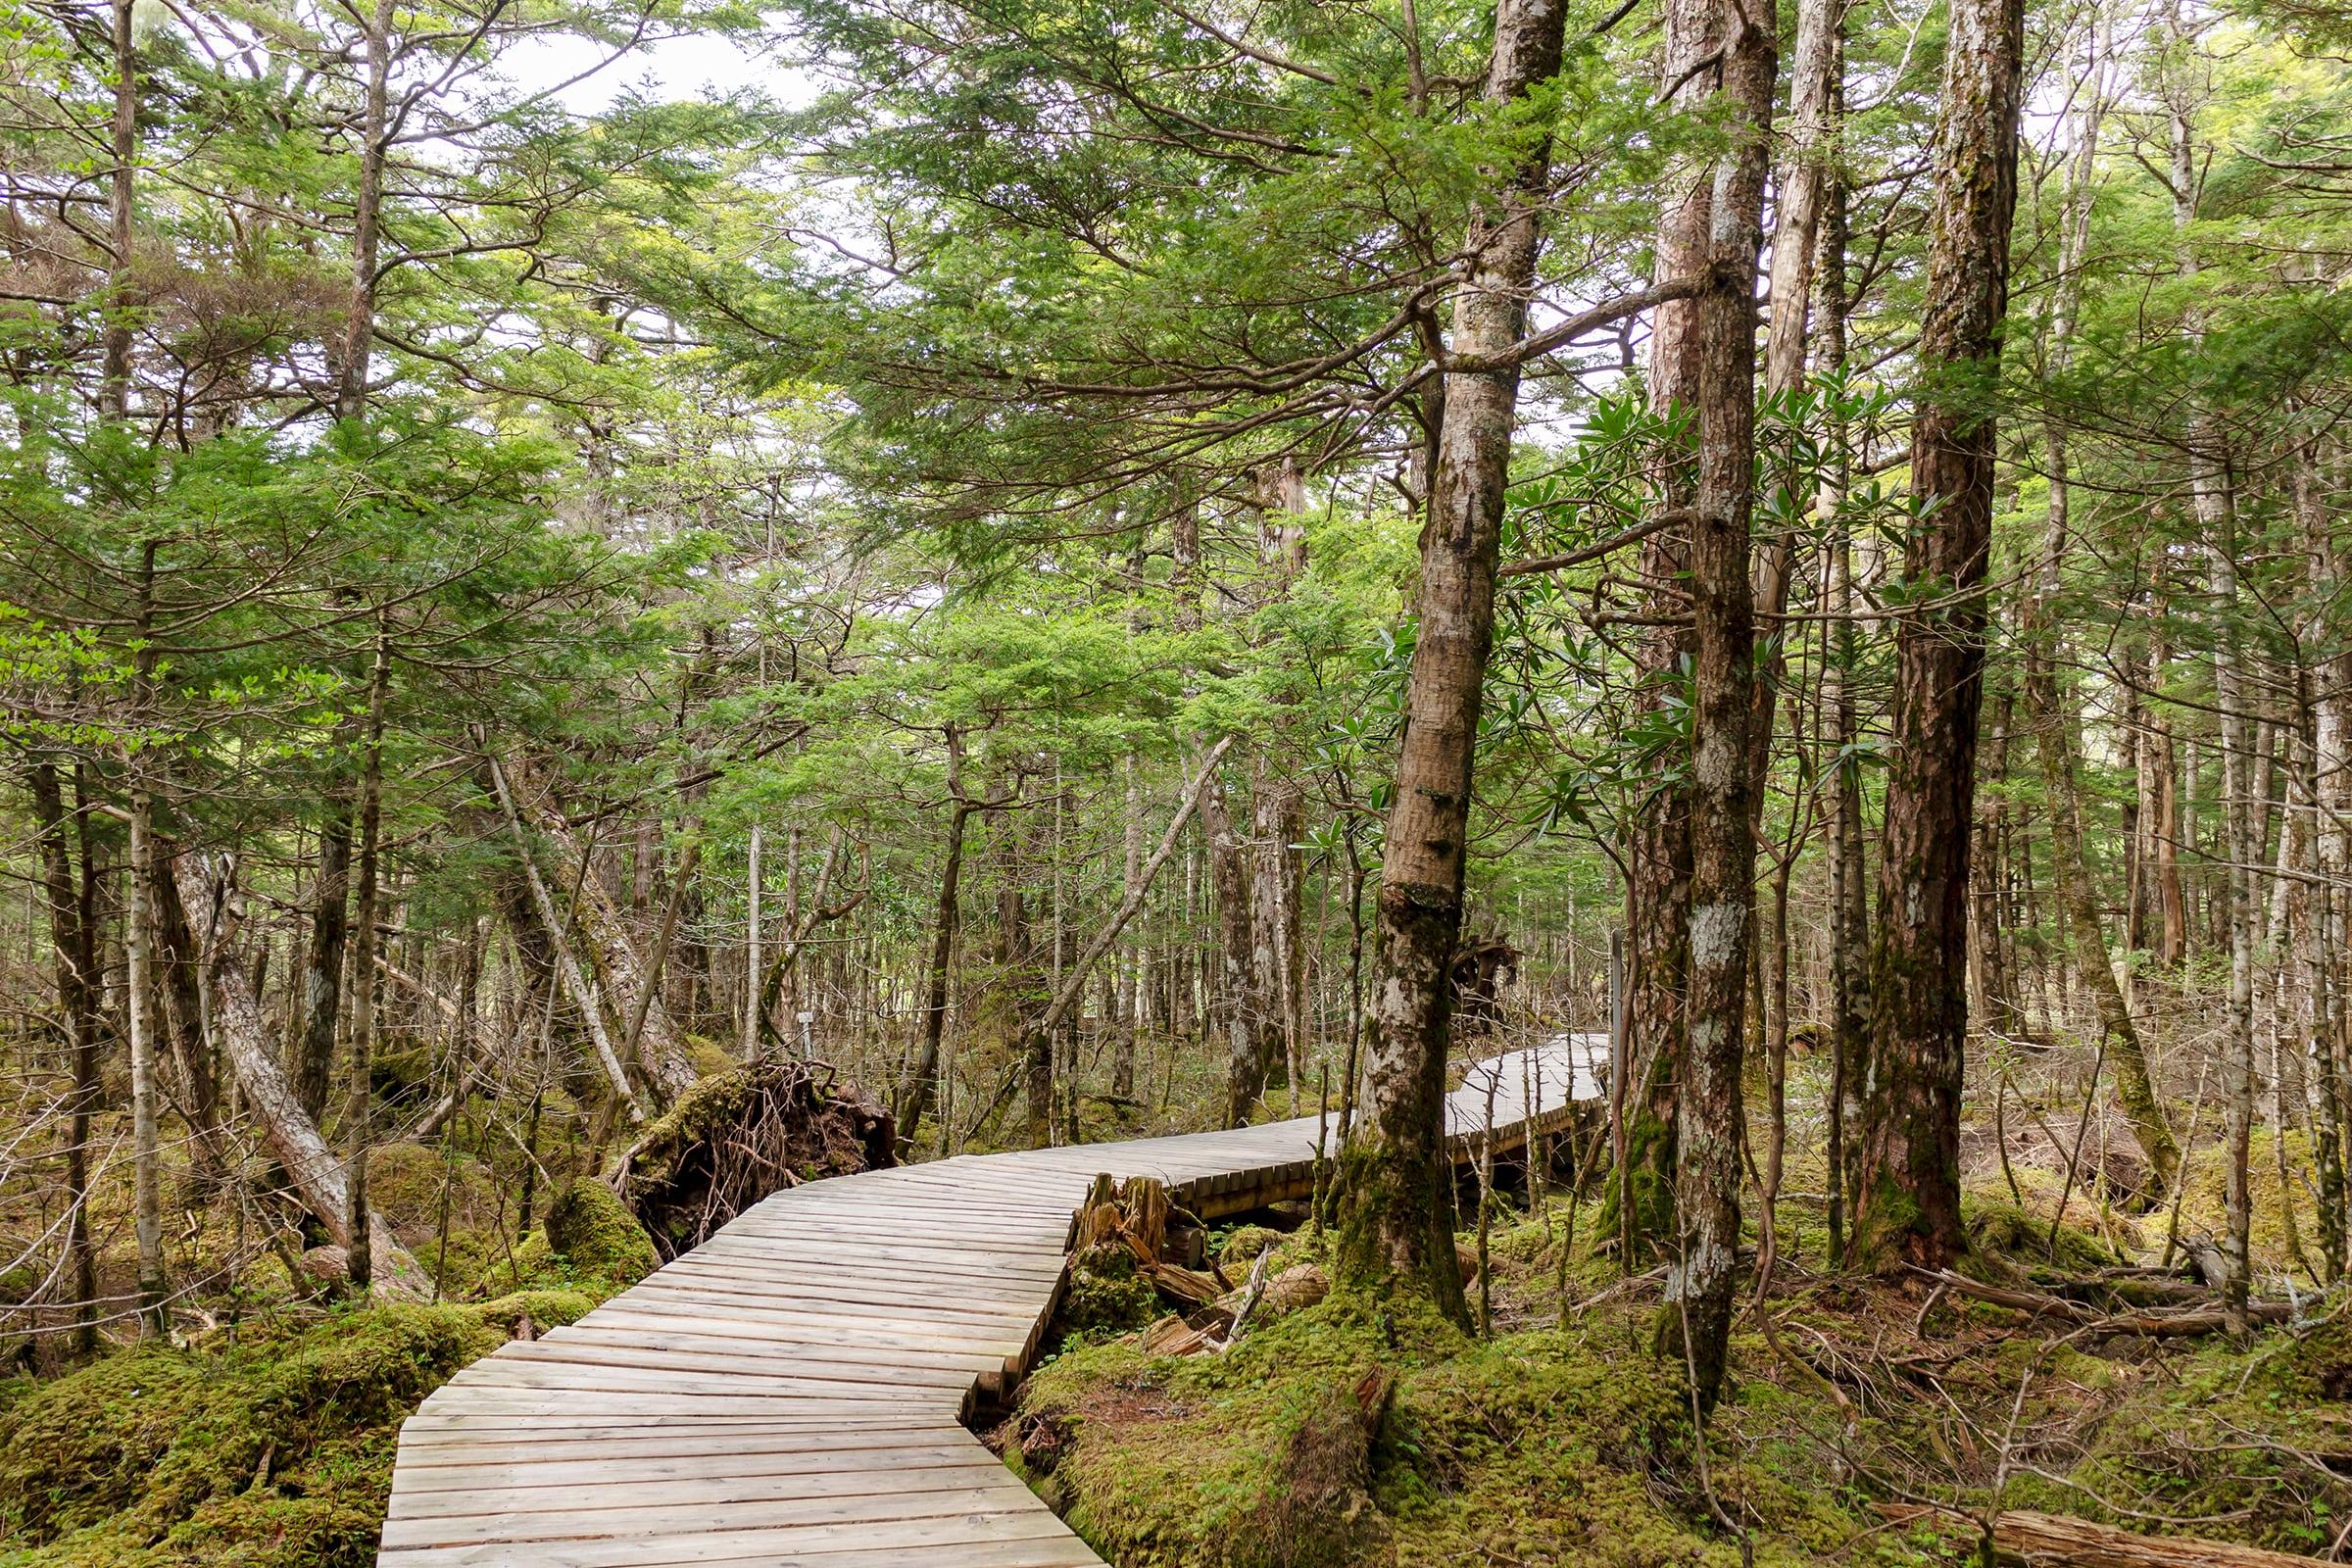 緑あふれる原生林の中を通る木道。